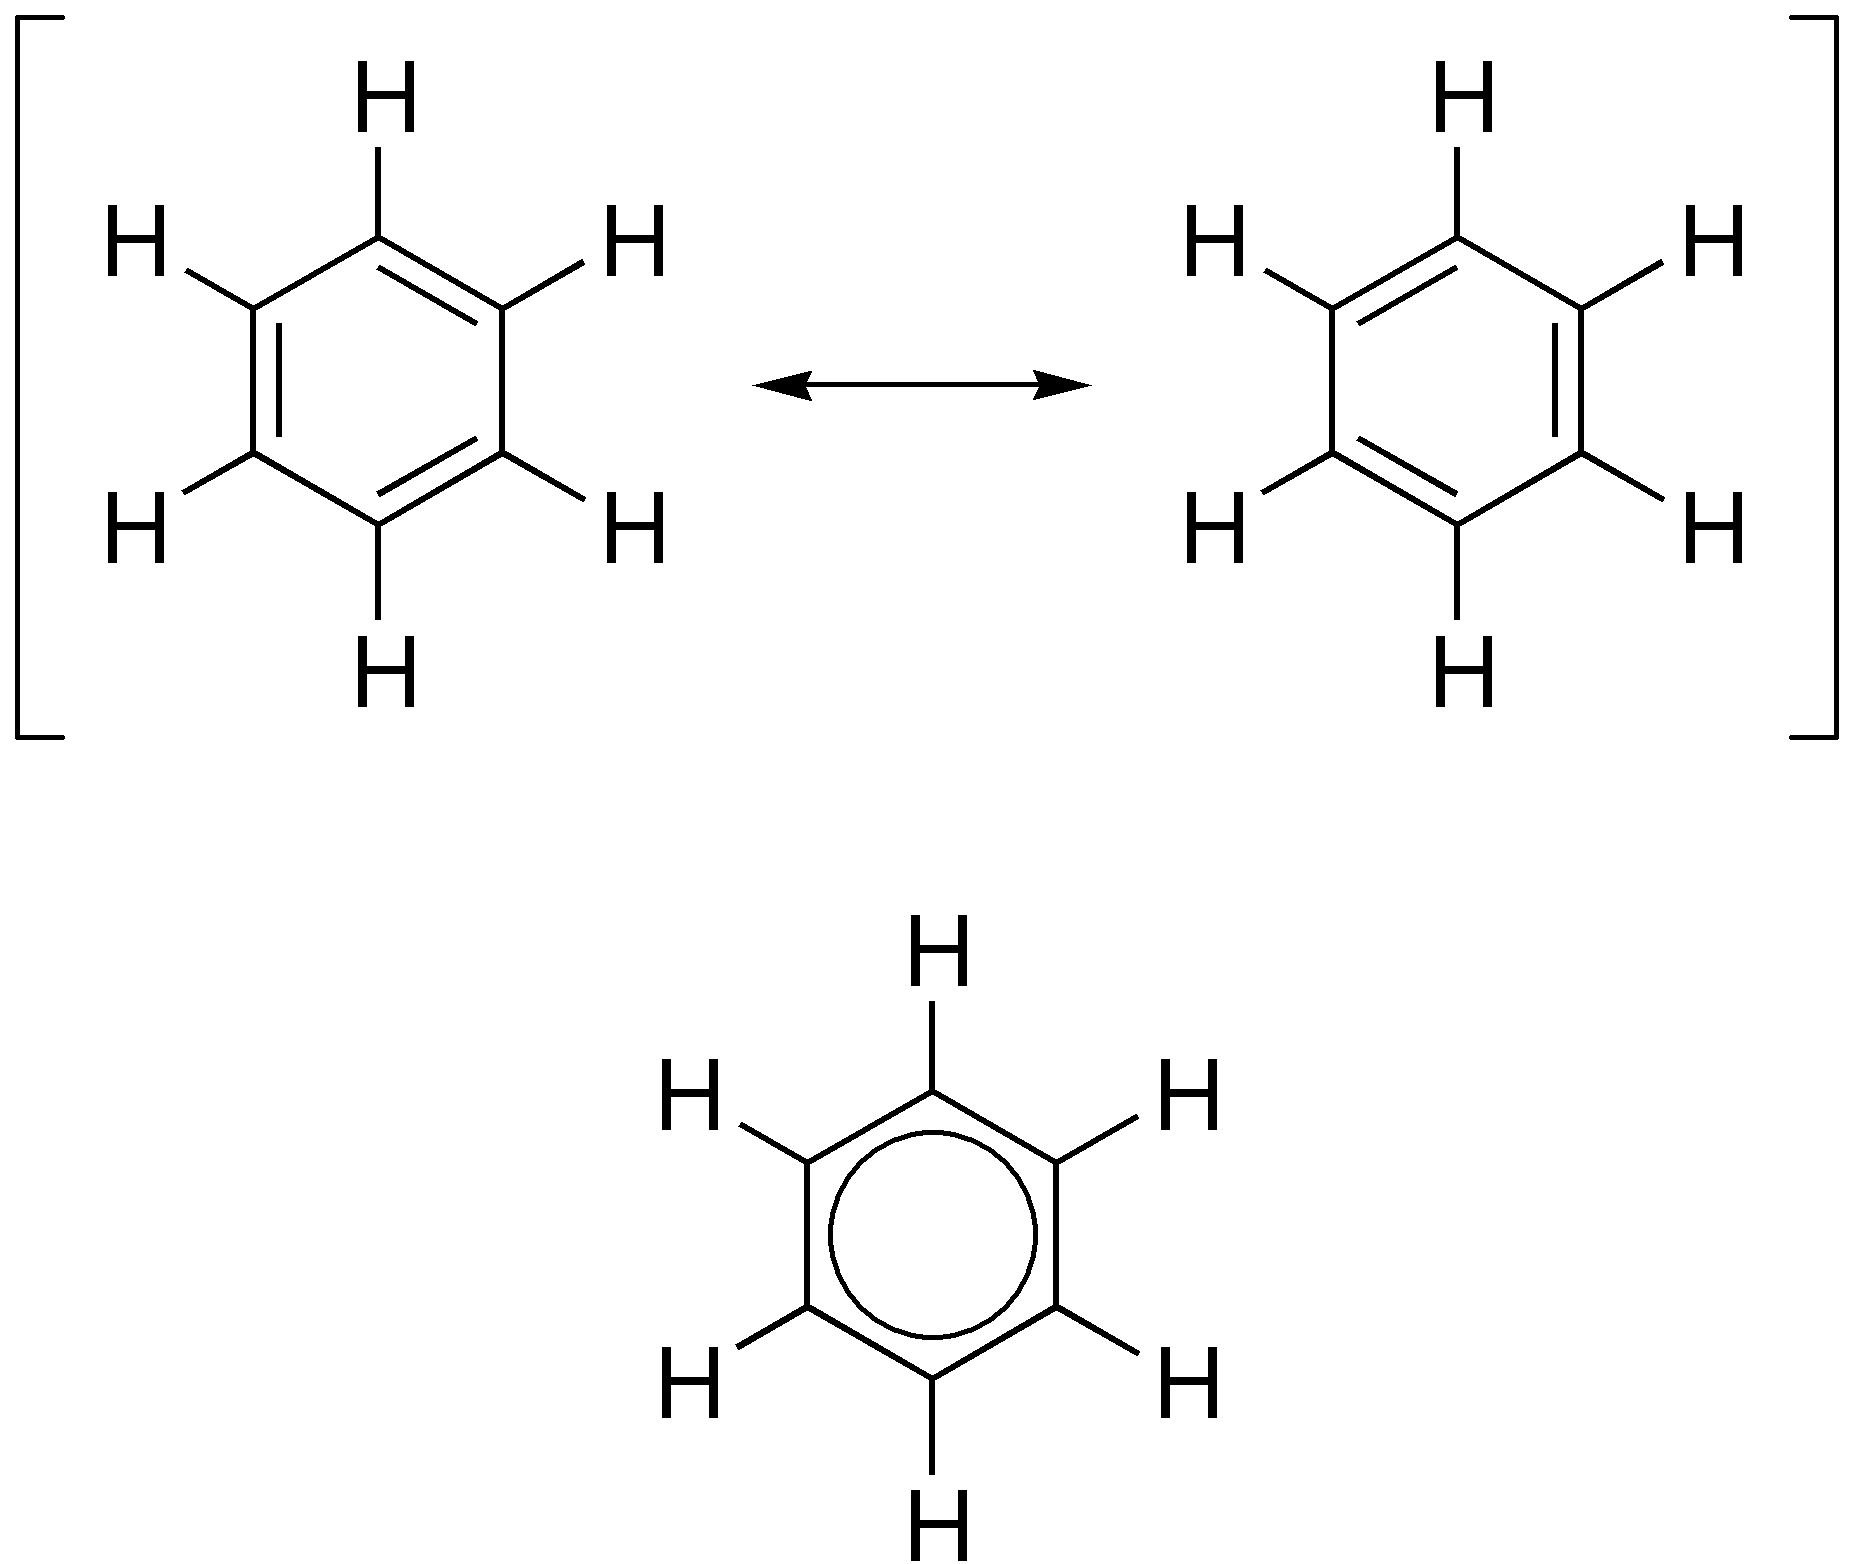 chemistry.stackexchange.com